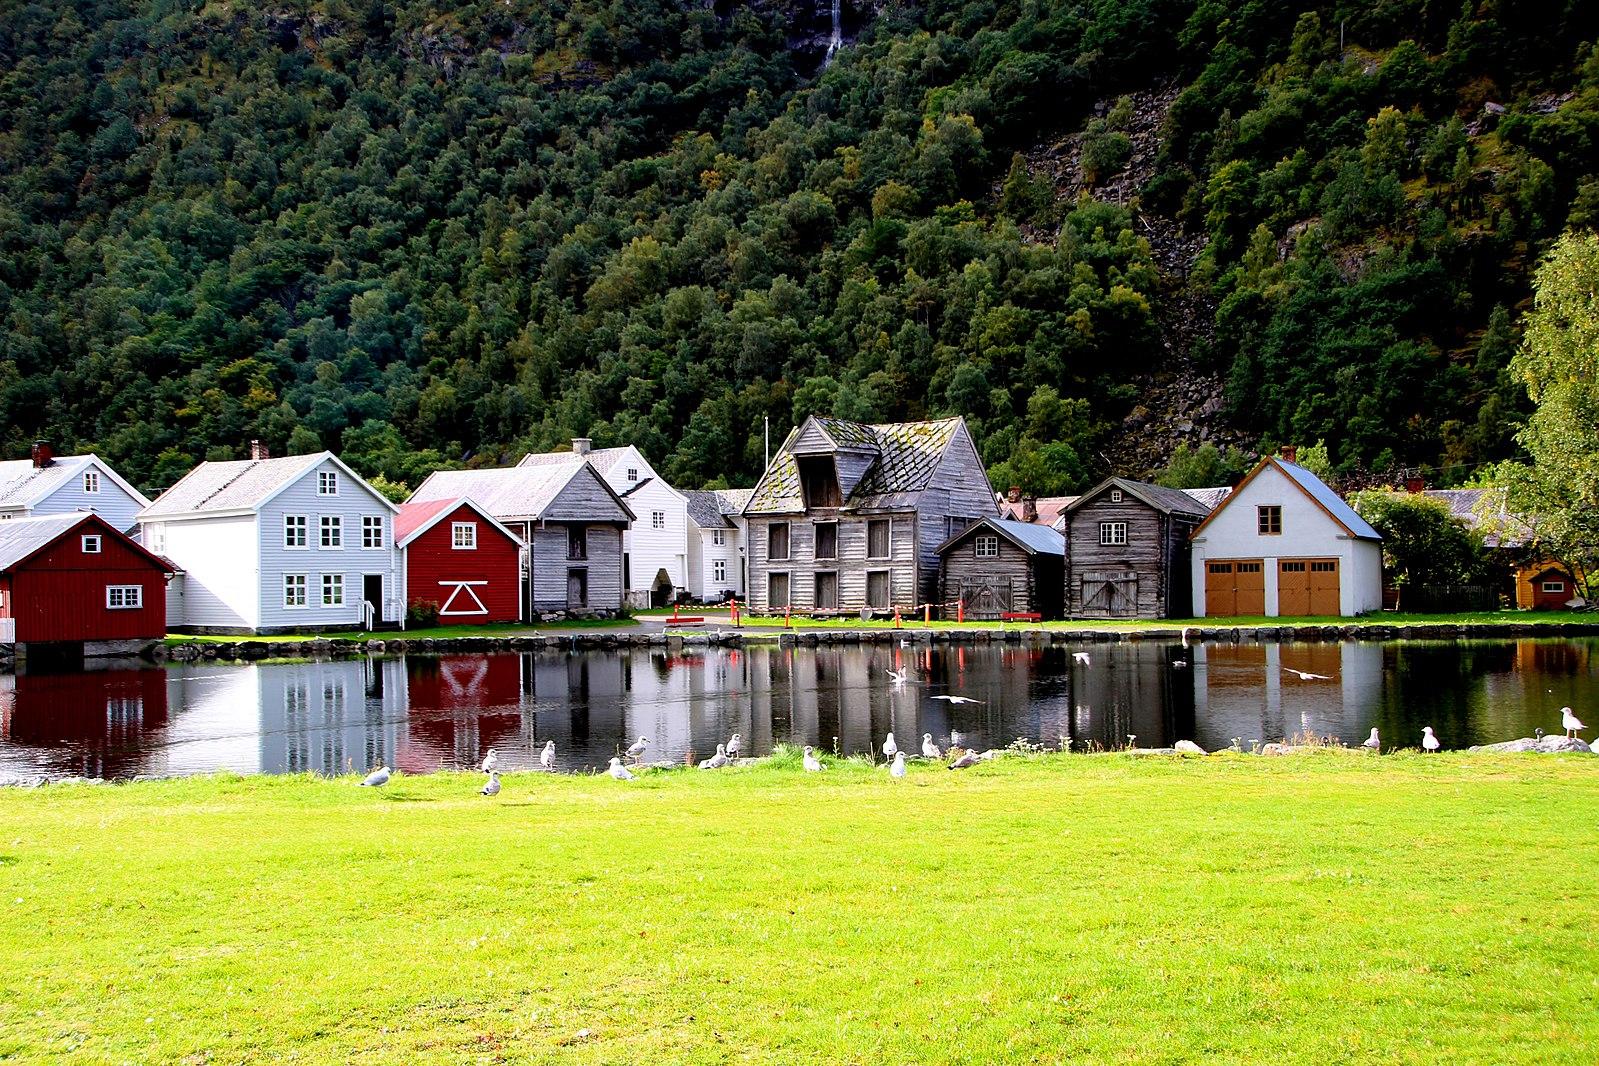 【北歐景點】Lærdalsøyri 世遺松恩峽灣萊達爾小鎮的仲夏風景 28